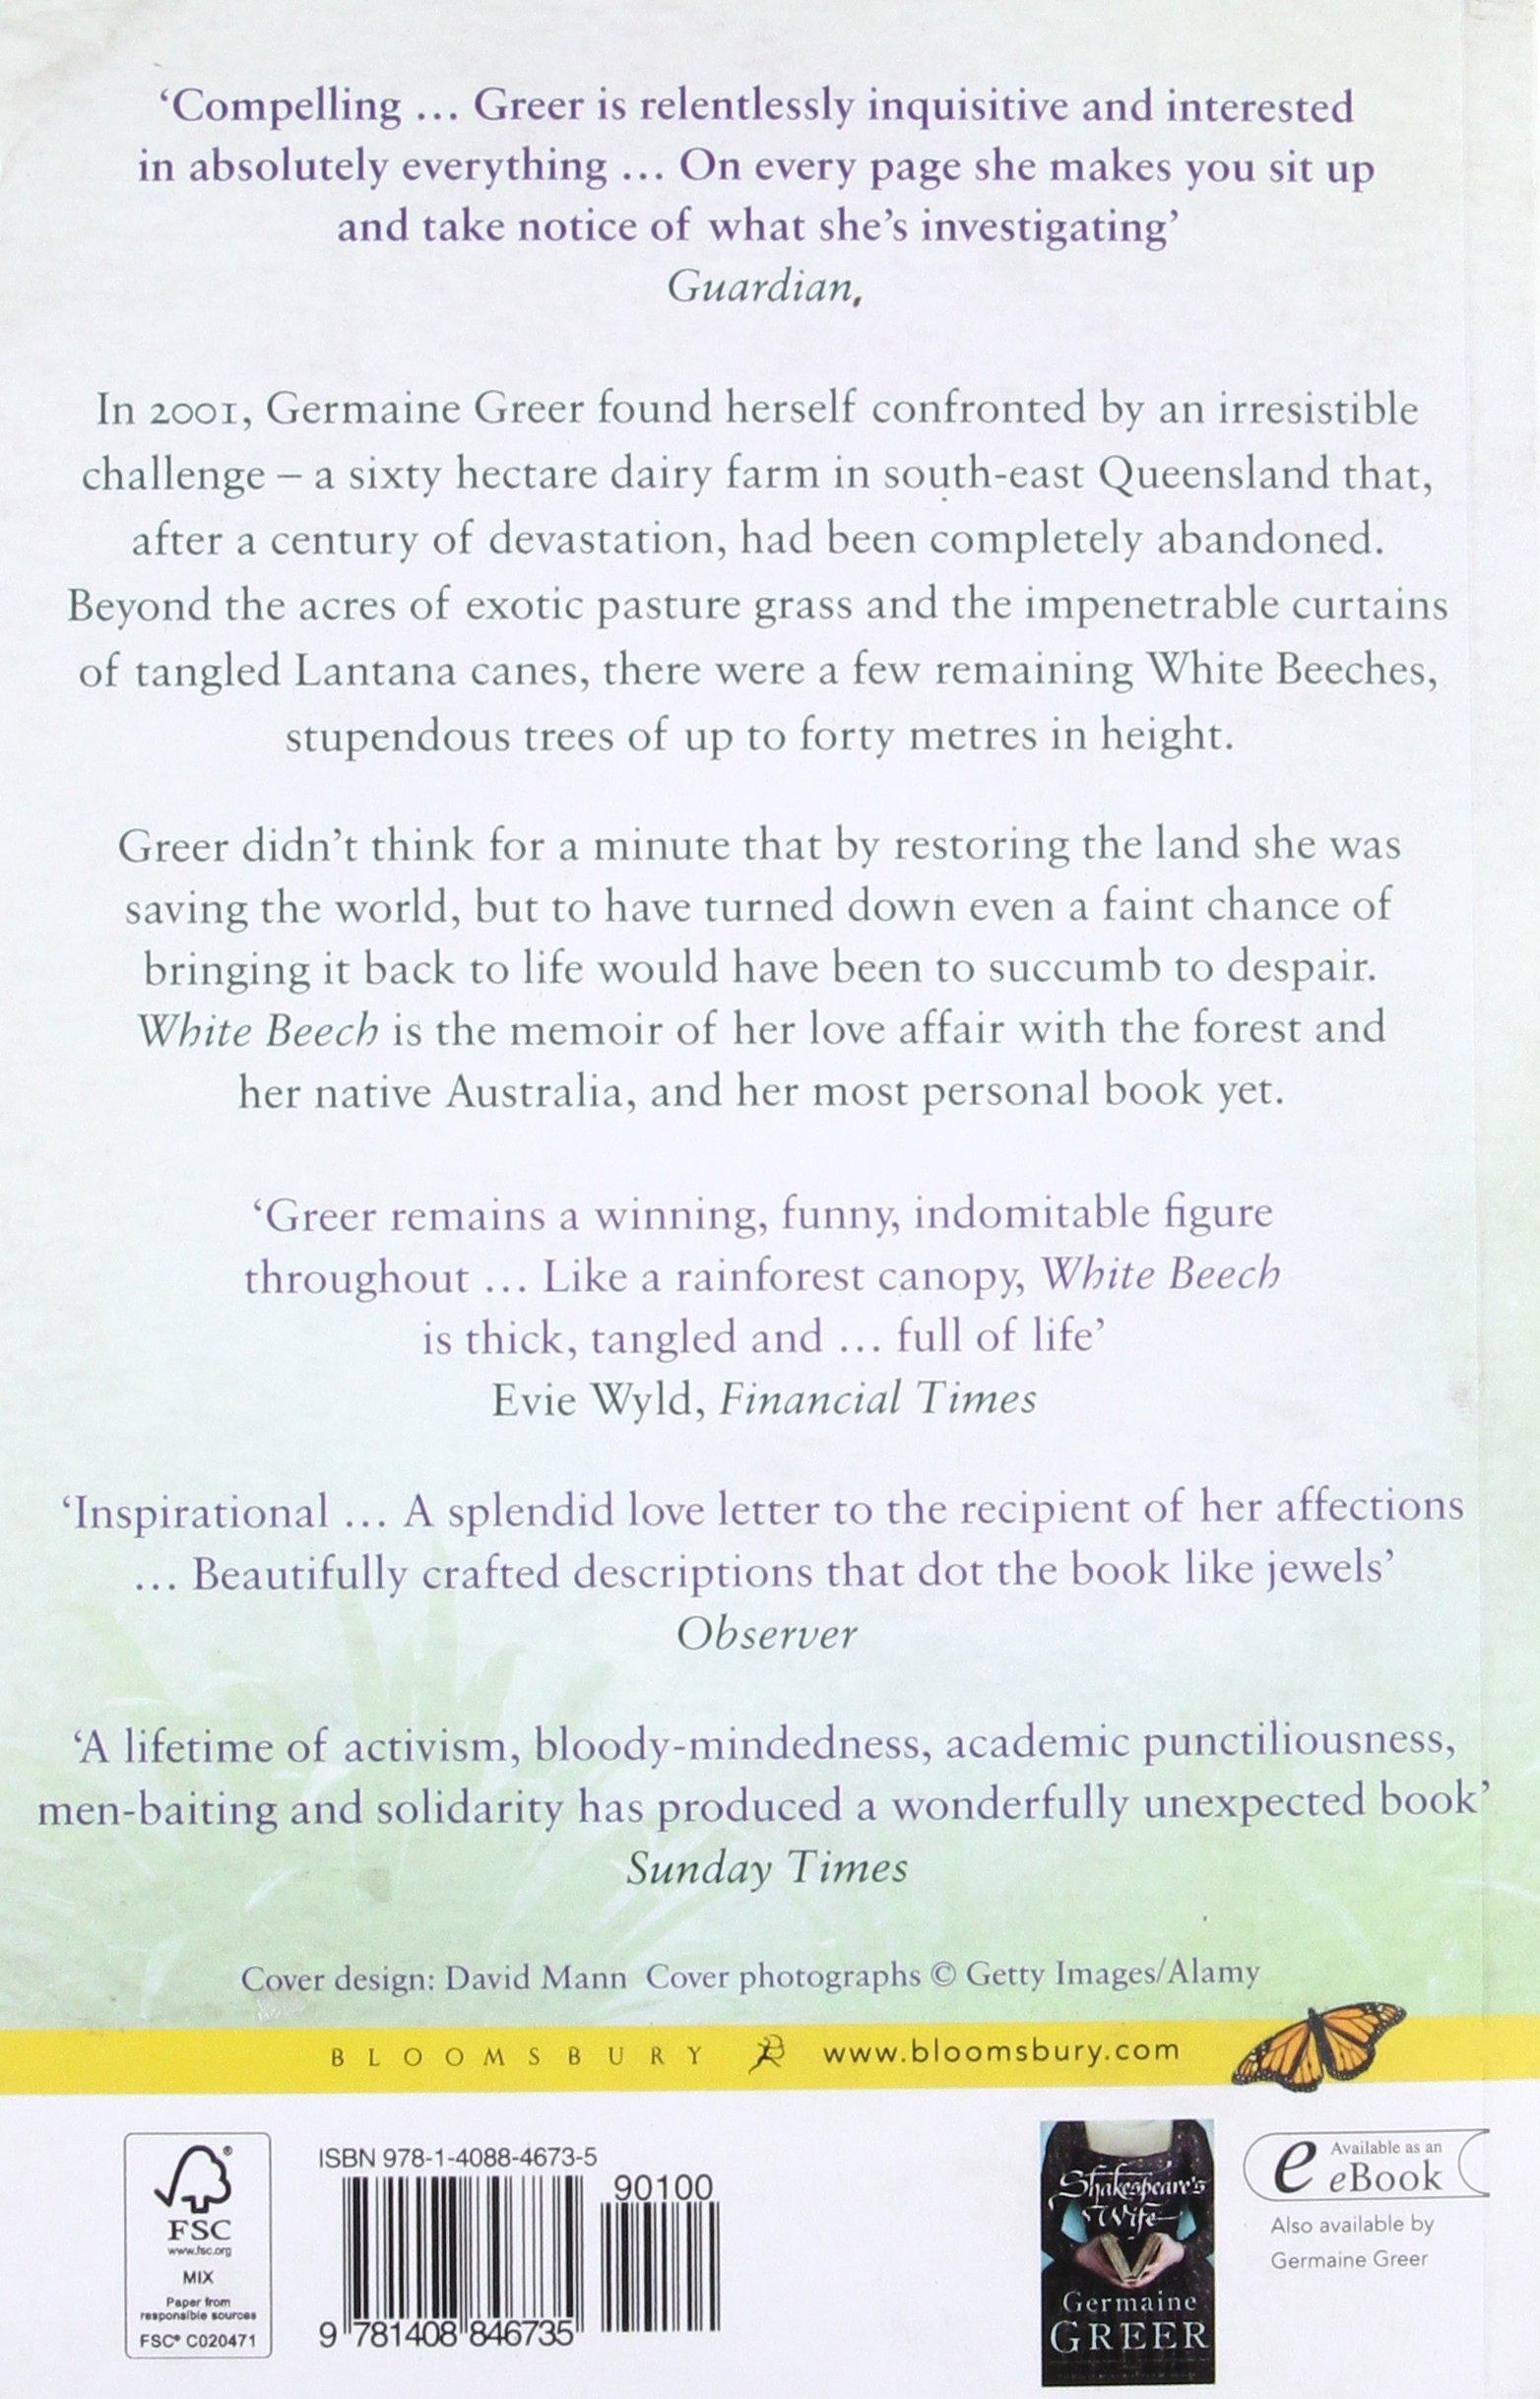 White Beech: The Rainforest Years: Germaine Greer: 9781408846735:  Amazon.com: Books